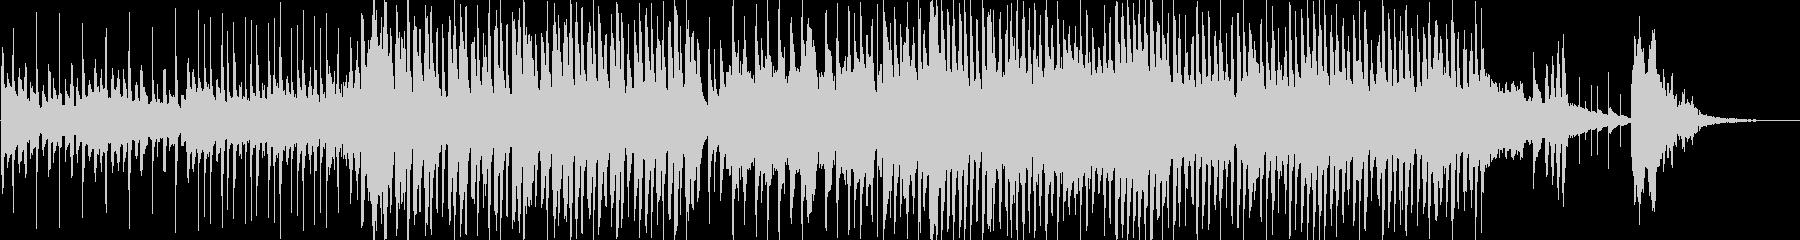 電子。基本的なリズミカルな効果音、...の未再生の波形